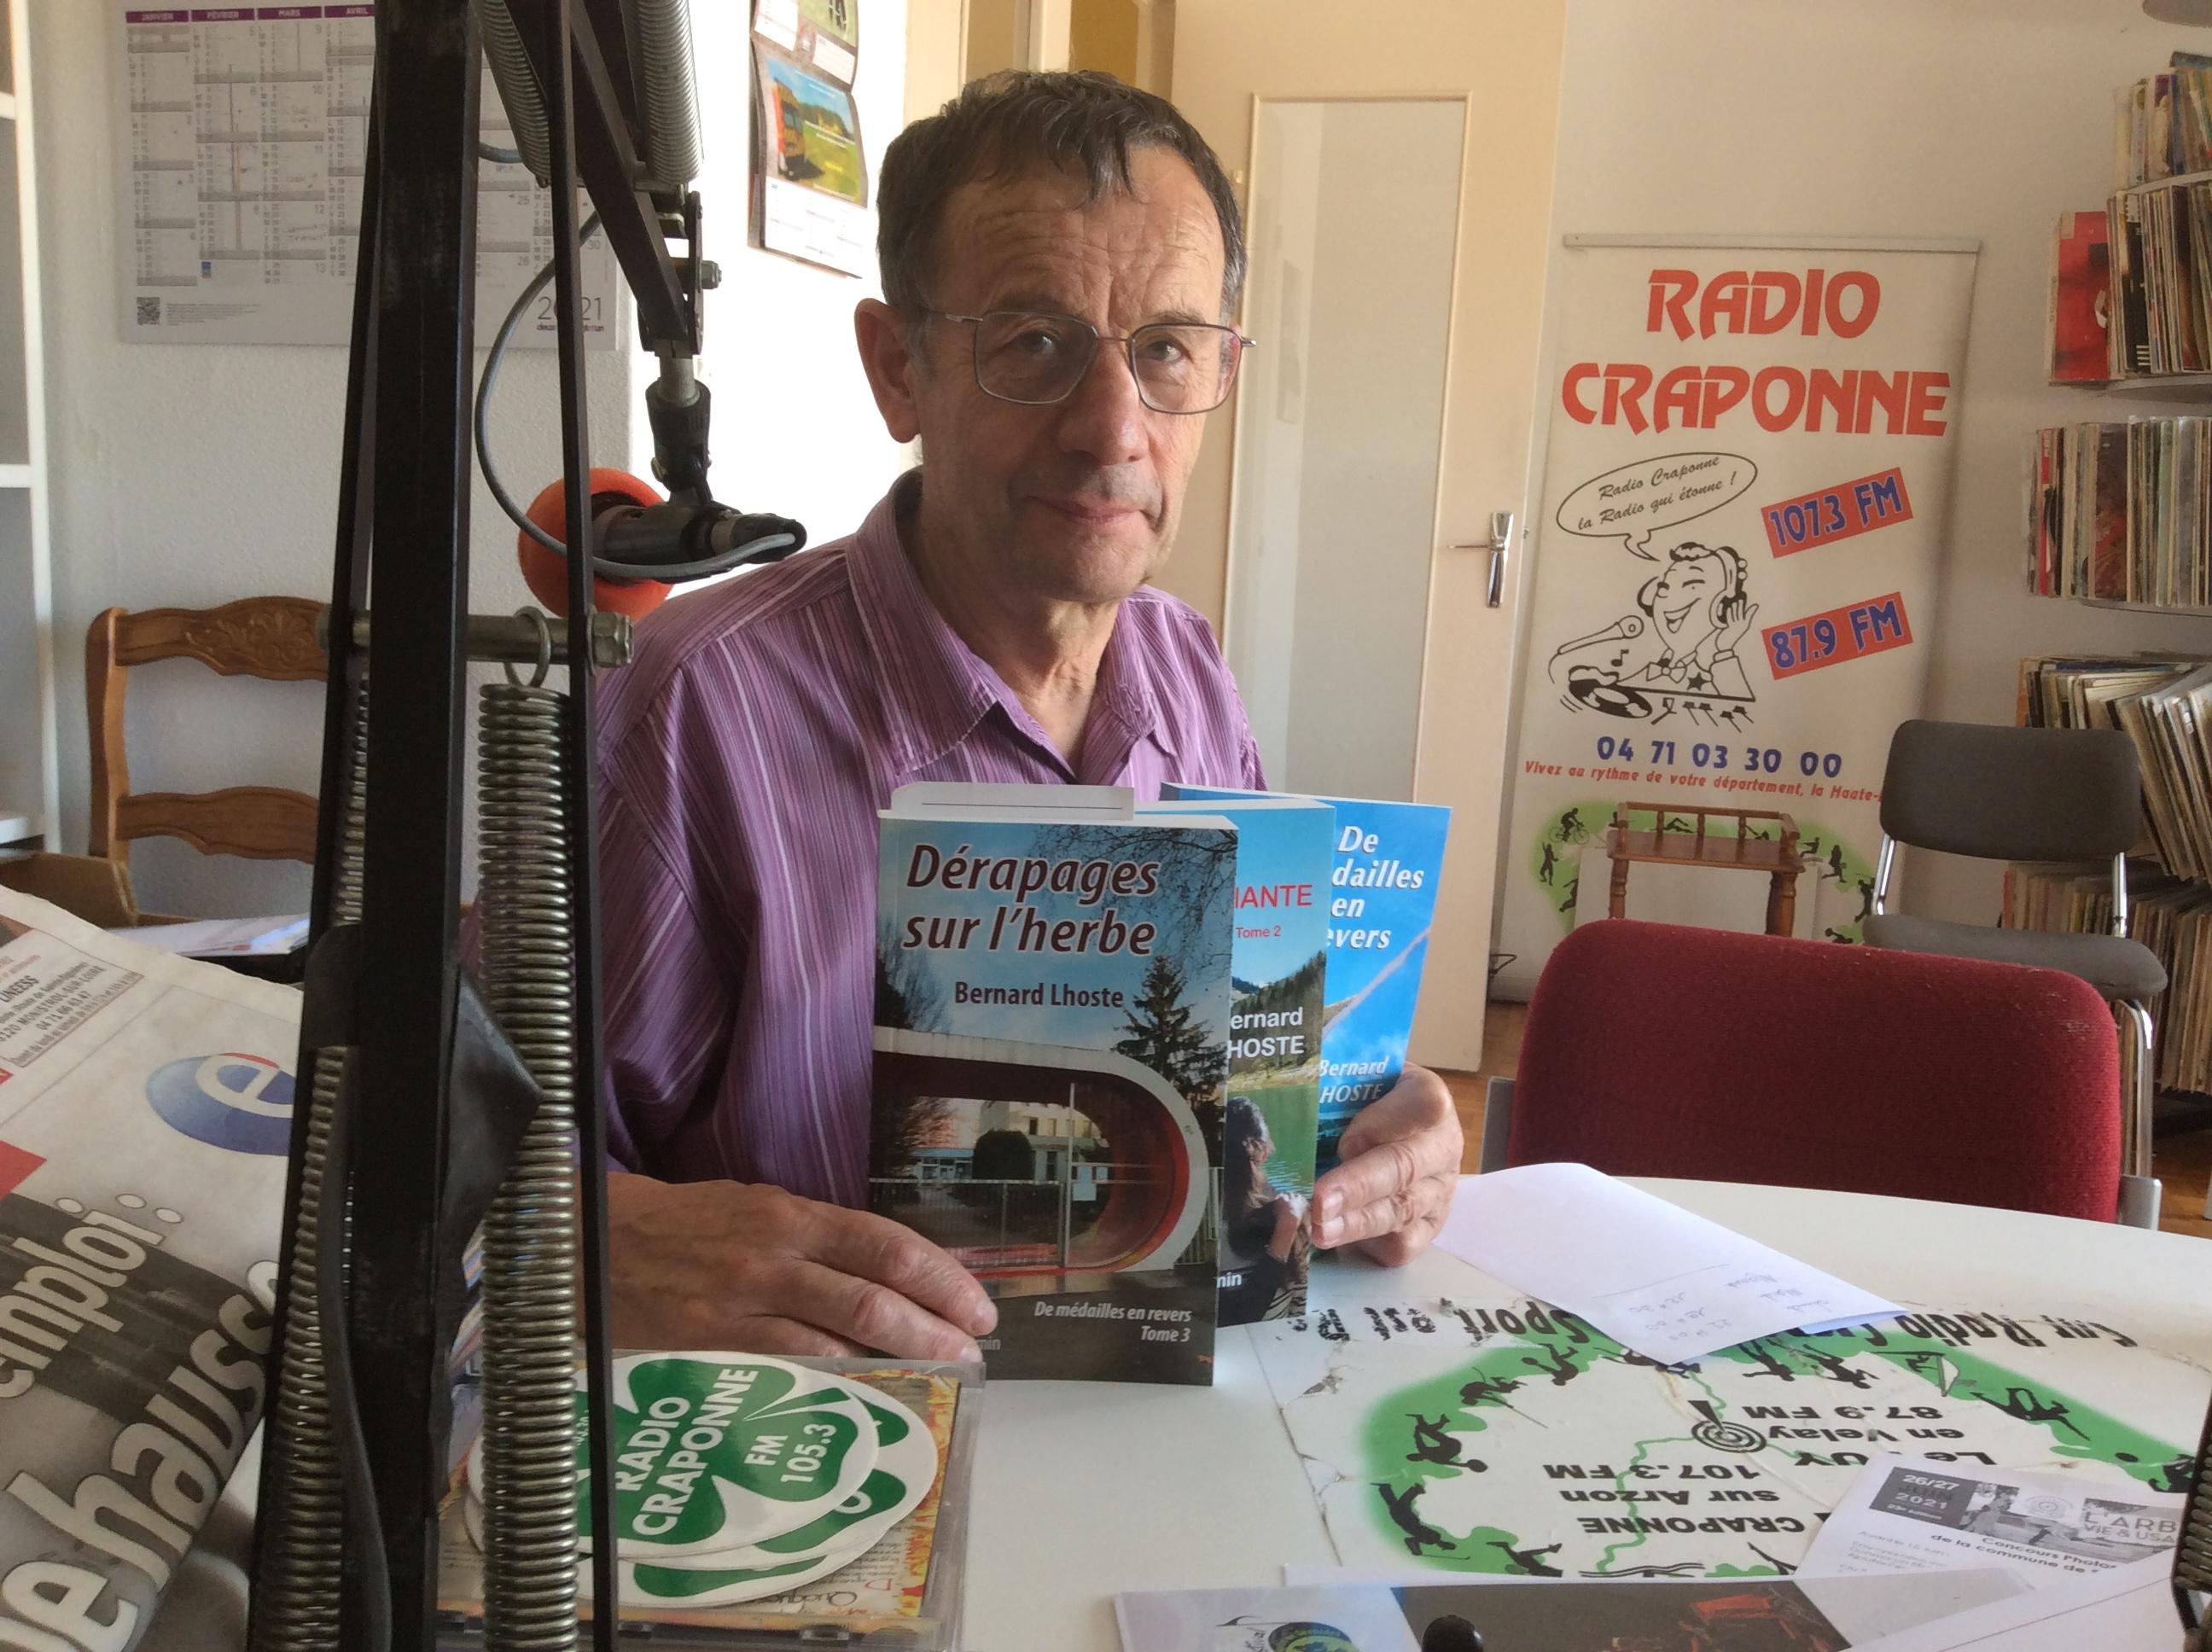 invite du jeudi Bernard Lhoste son dernier roman dérapages sur l'herbe 050721